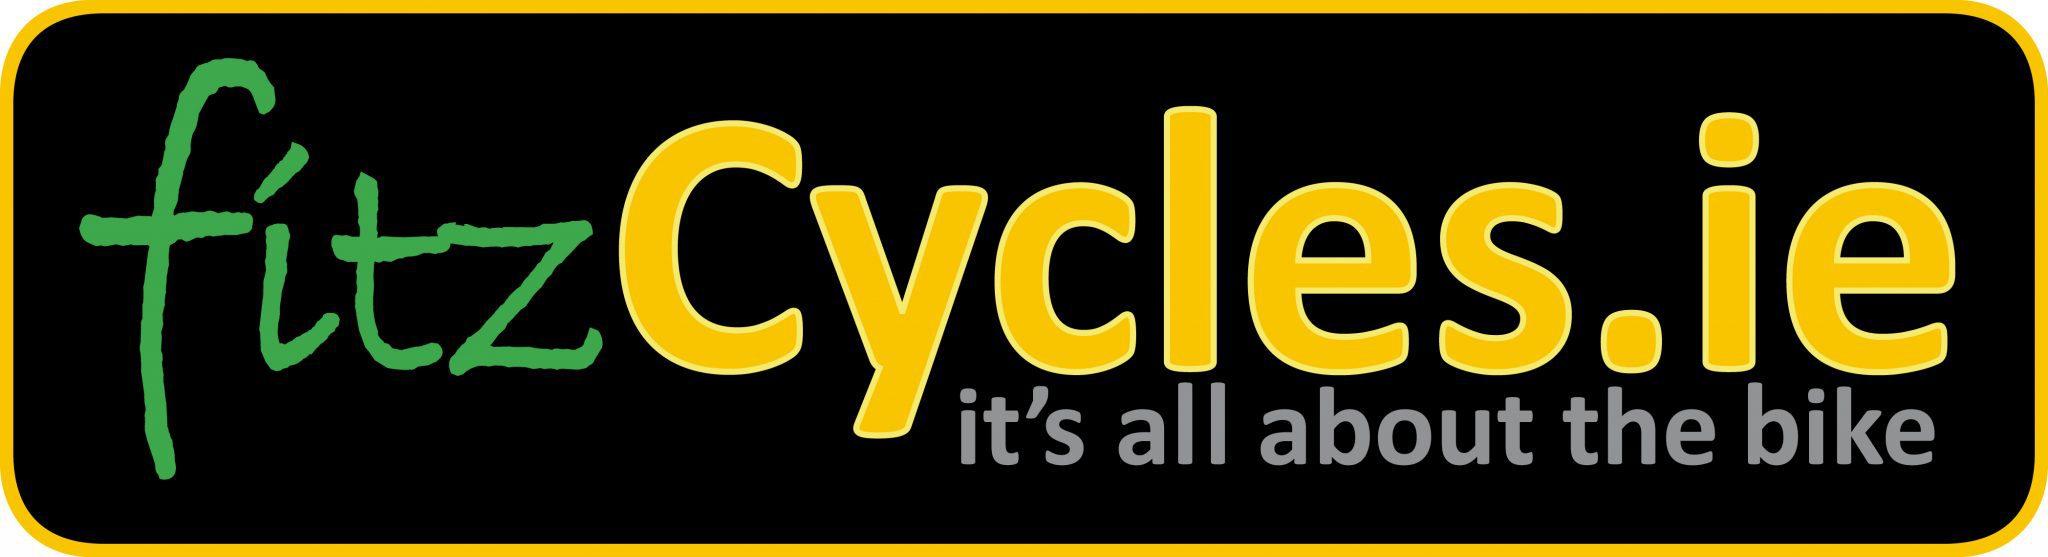 Fitzcycles Logo